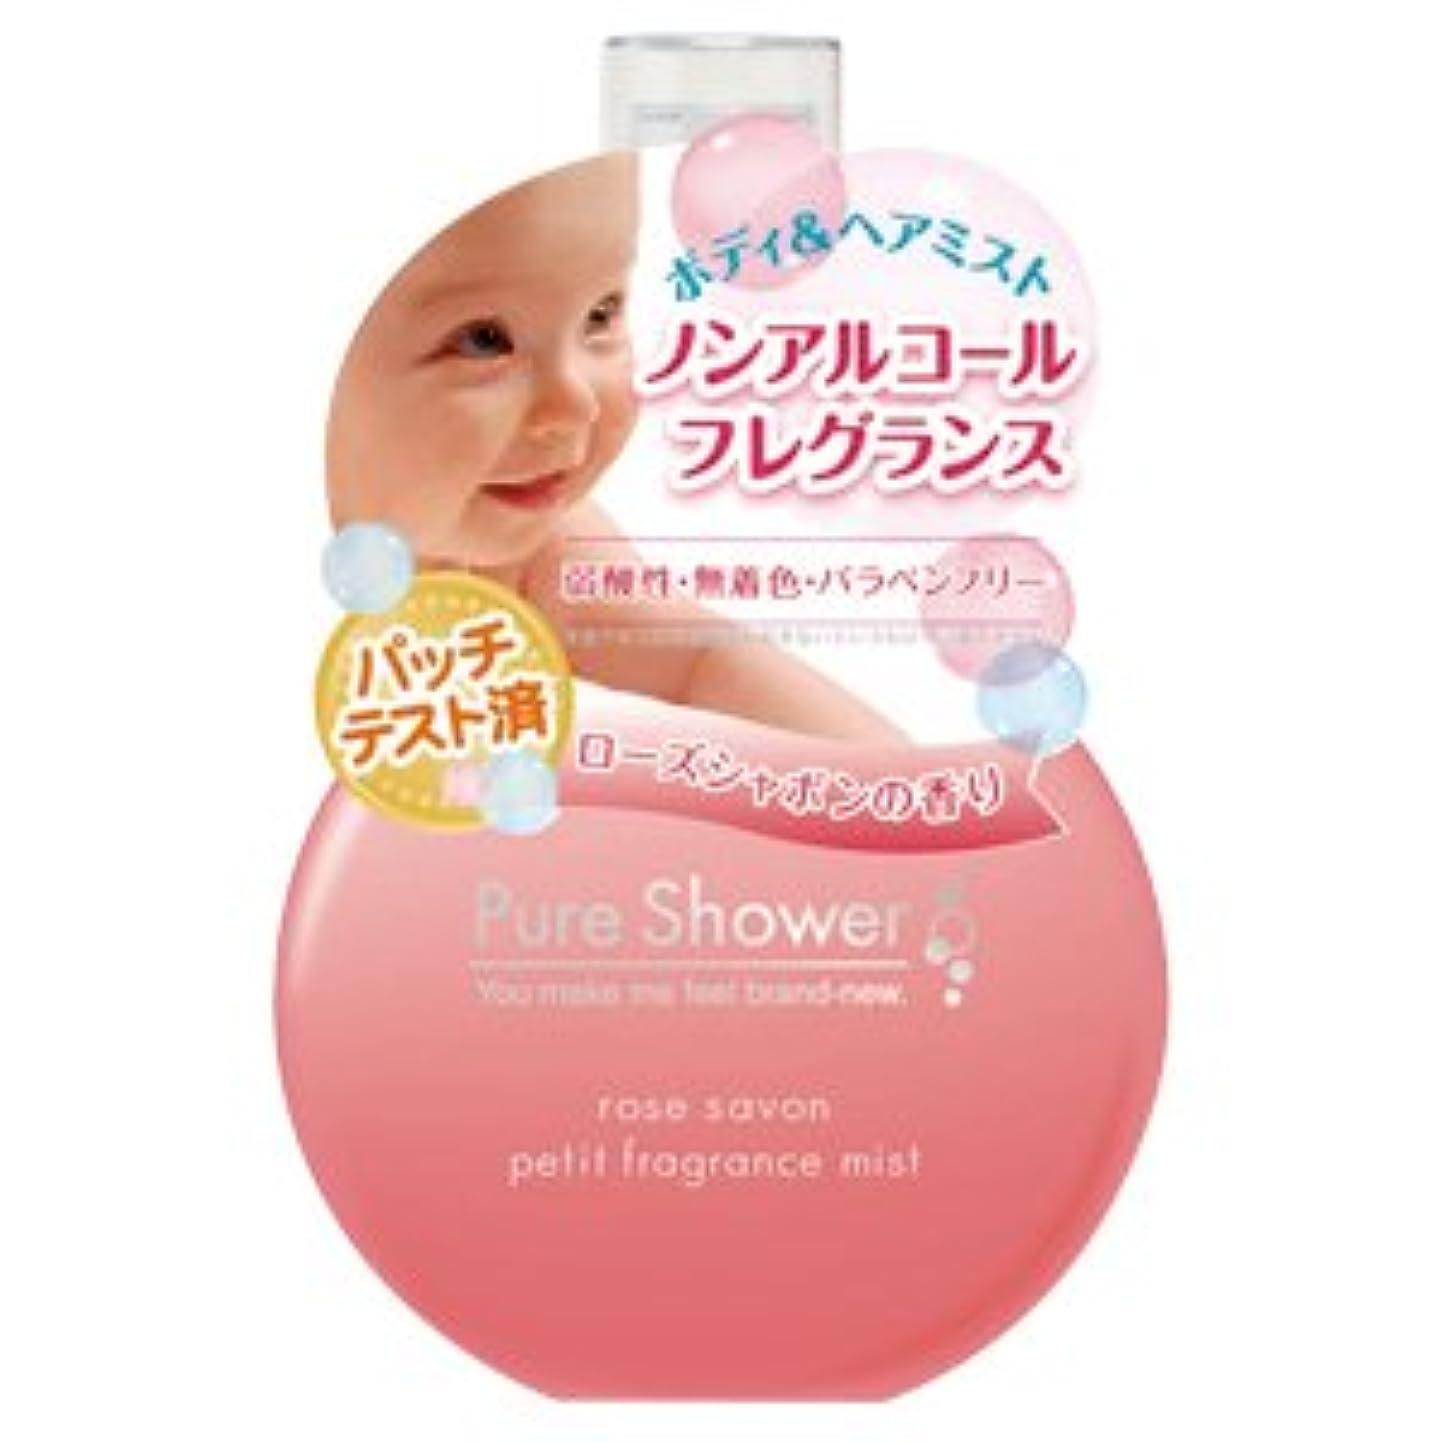 ストラトフォードオンエイボン暫定じゃがいもピュアシャワー Pure Shower ノンアルコール フレグランスミスト ローズシャボン 50ml